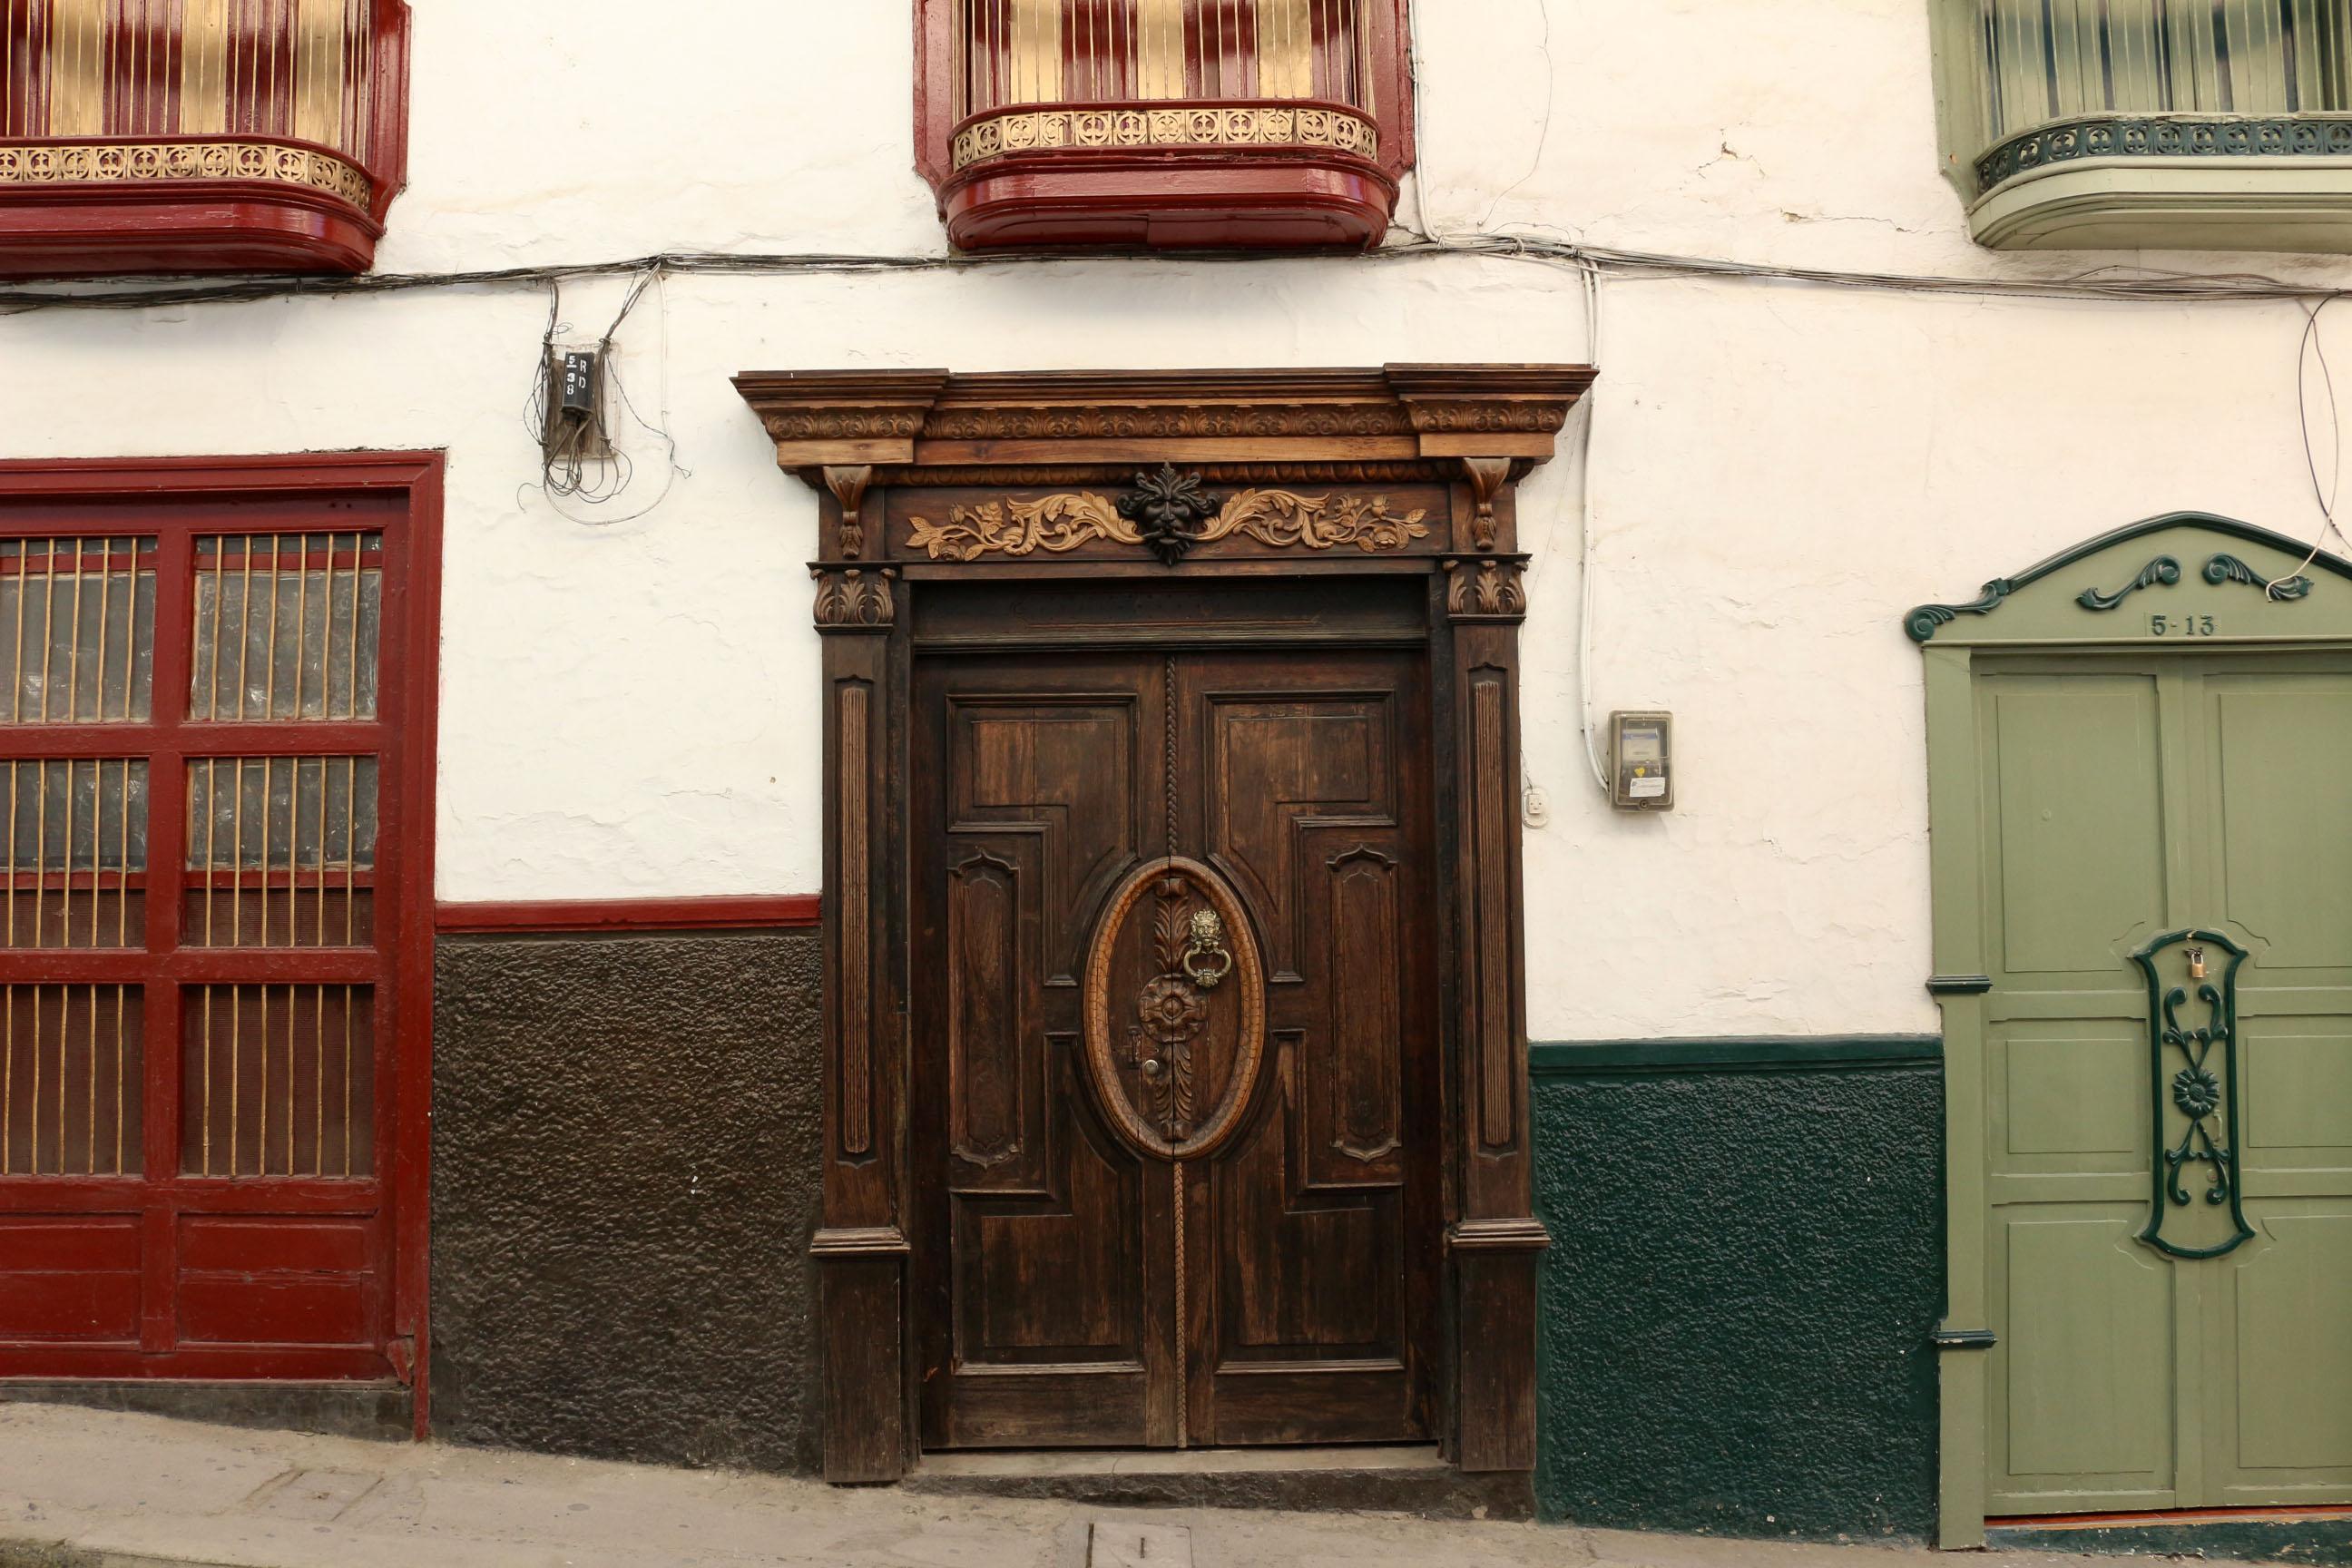 Les portes révèlent tout l'art